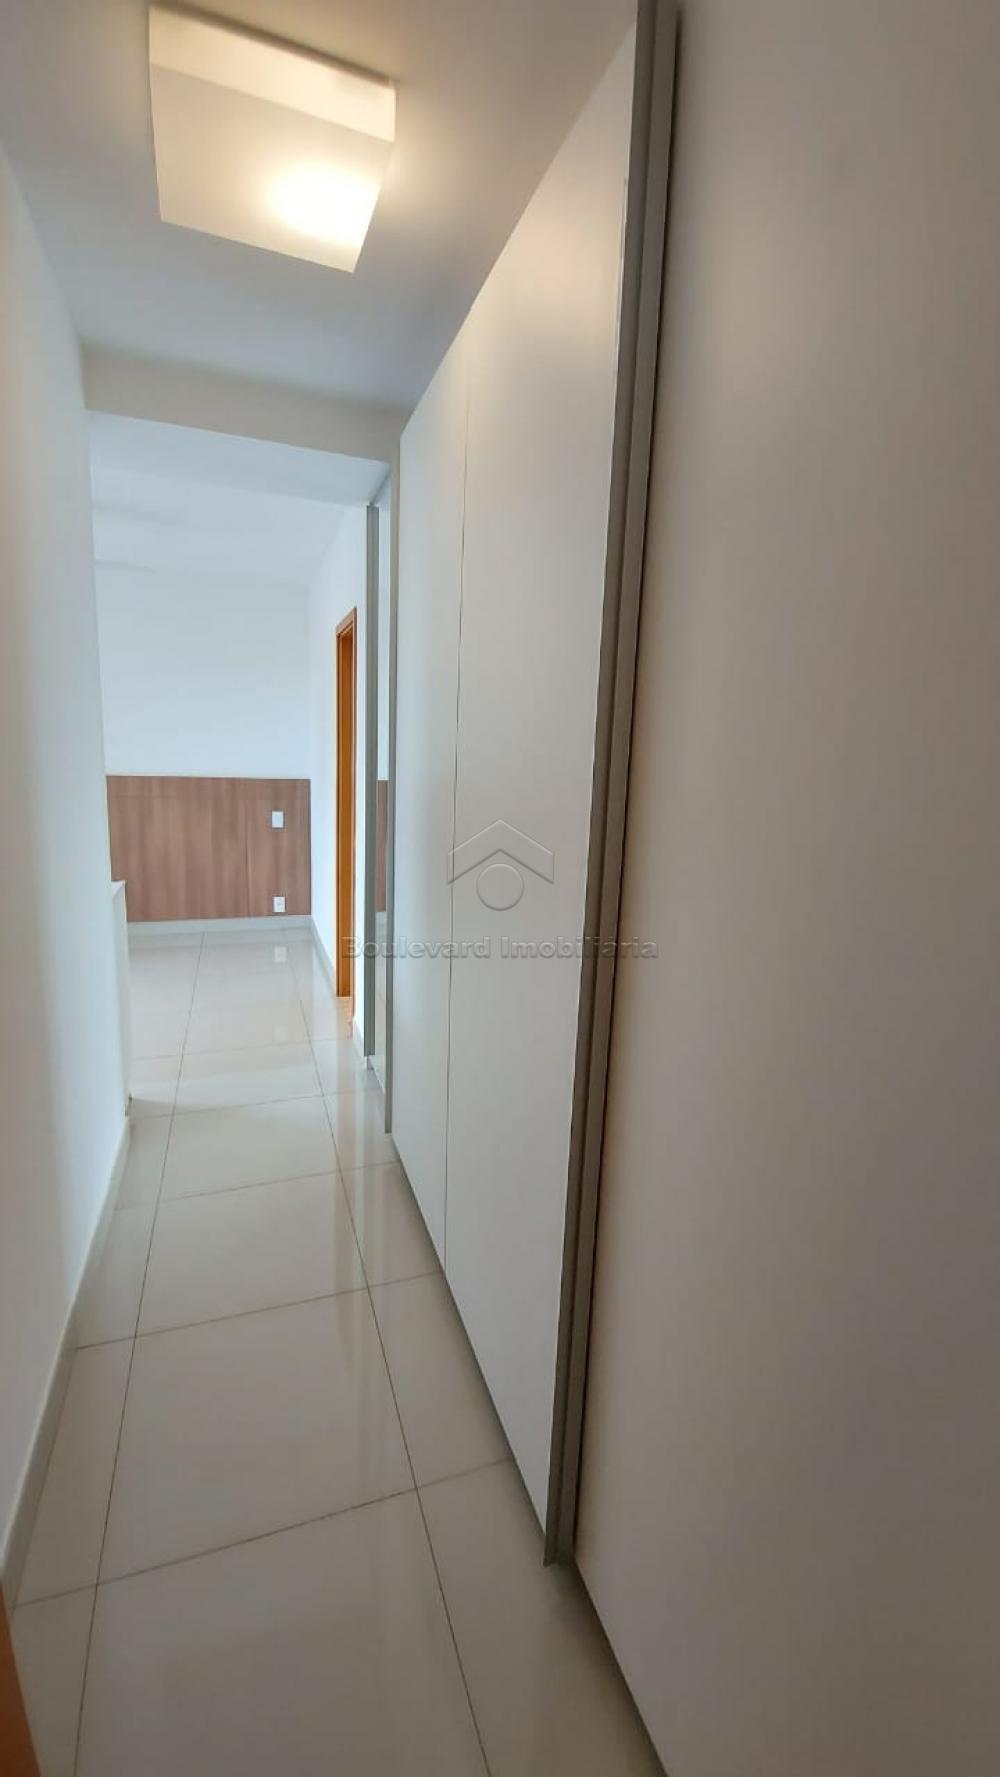 Comprar Apartamento / Padrão em Ribeirão Preto R$ 830.000,00 - Foto 11